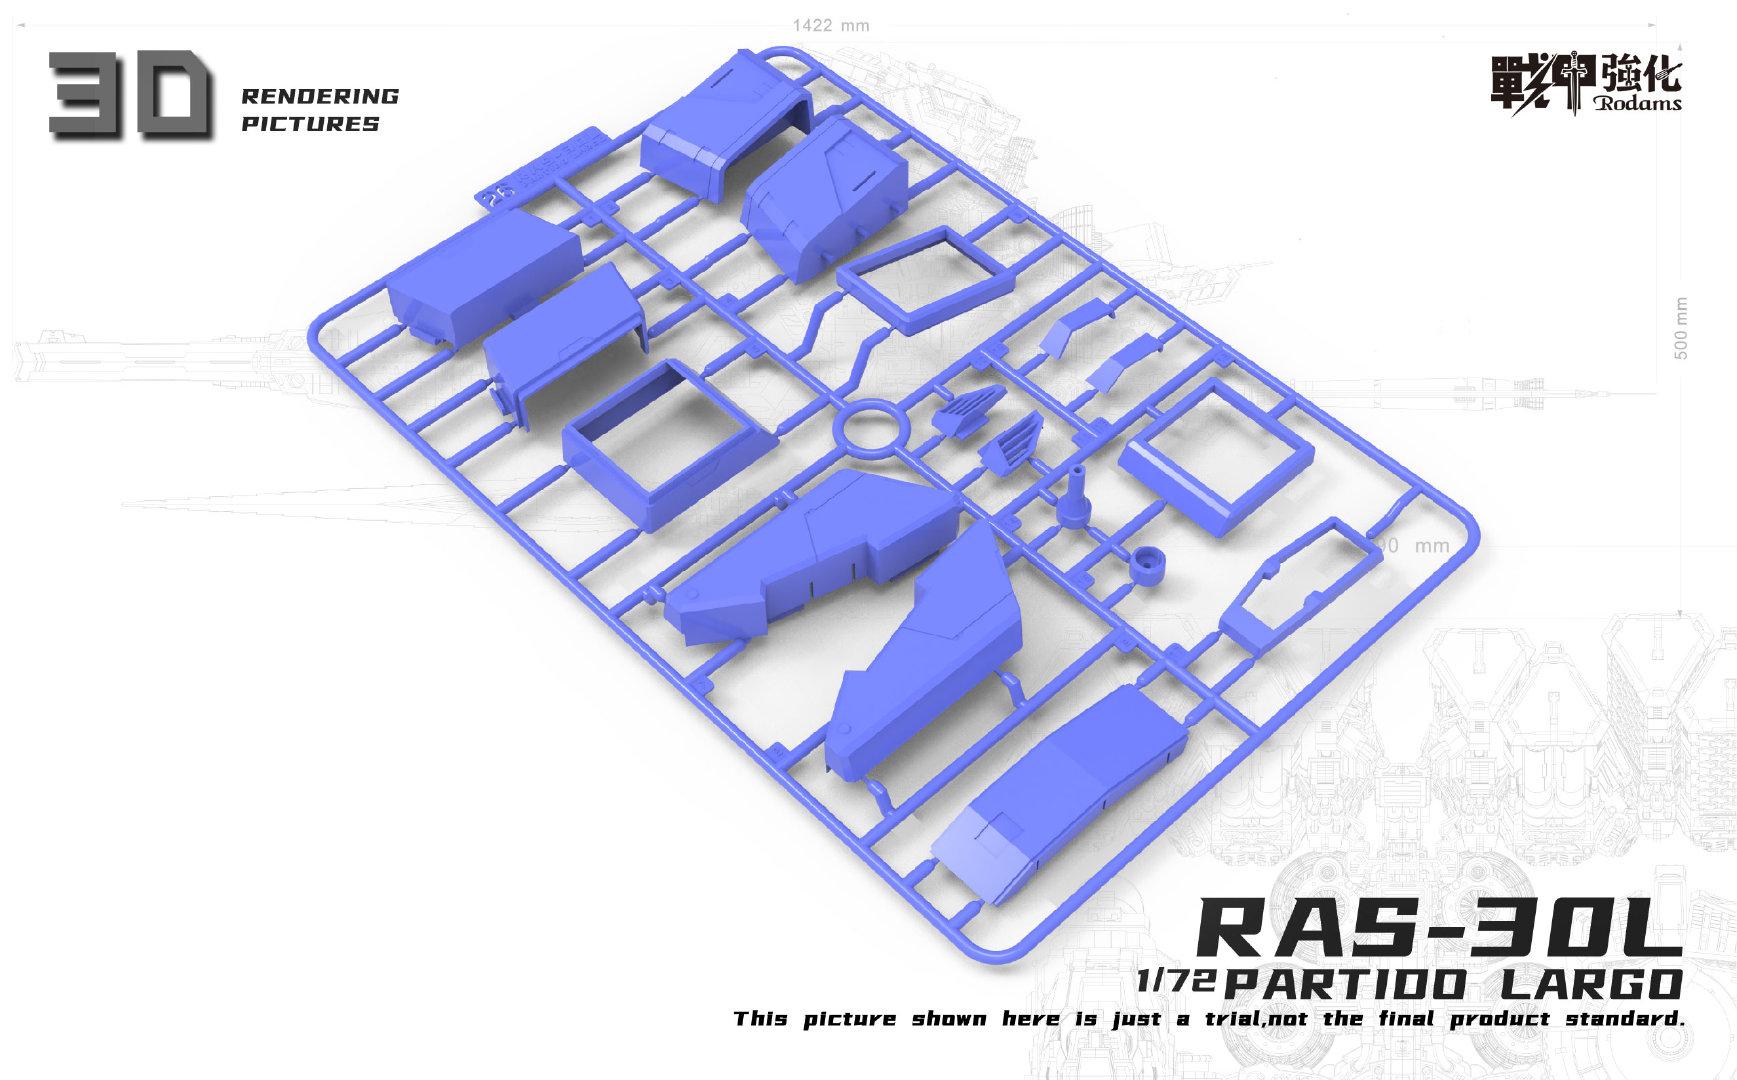 S542_GP03D_largo_Rodams_0222_002.jpg